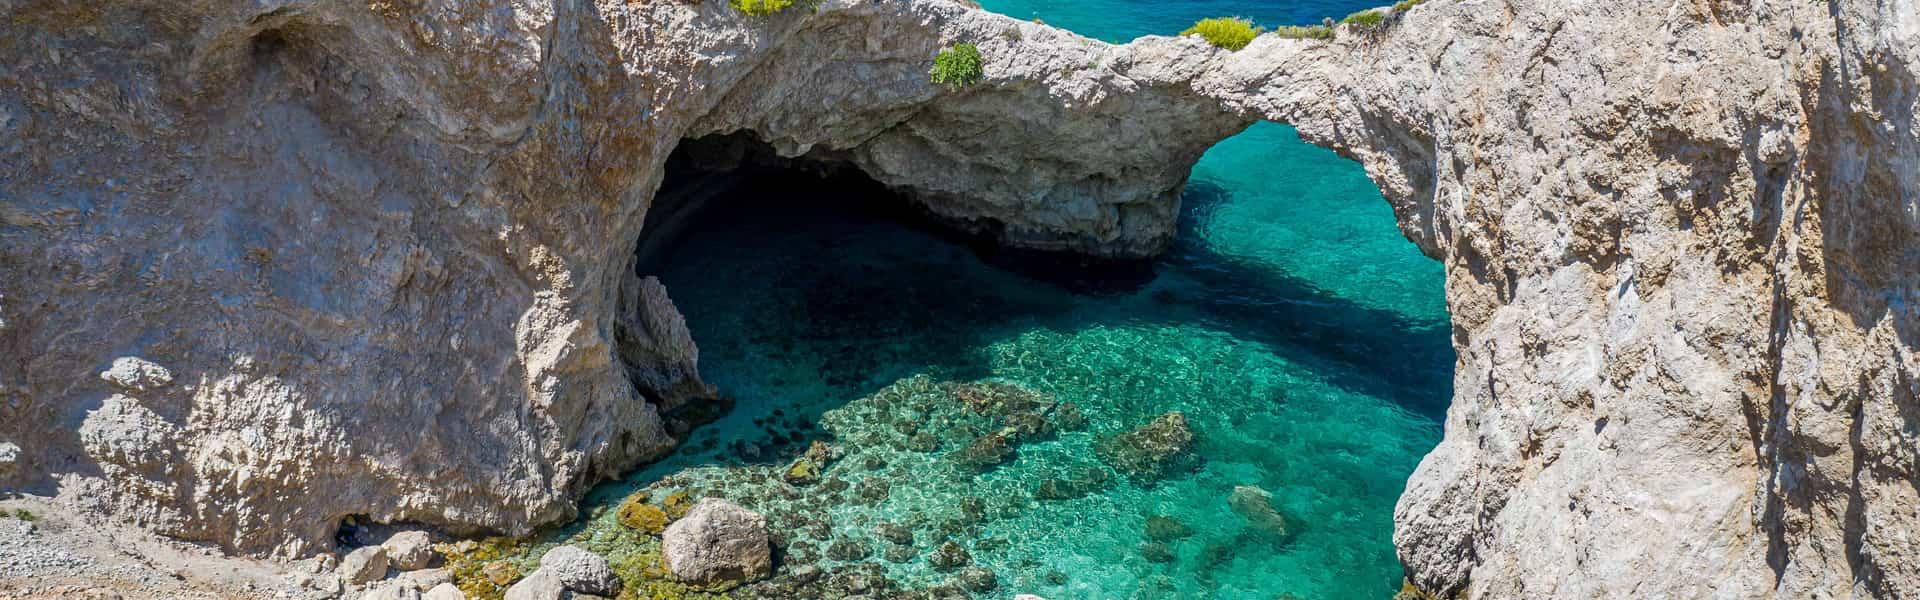 Σπηλιά της φώκιας Λουτράκι